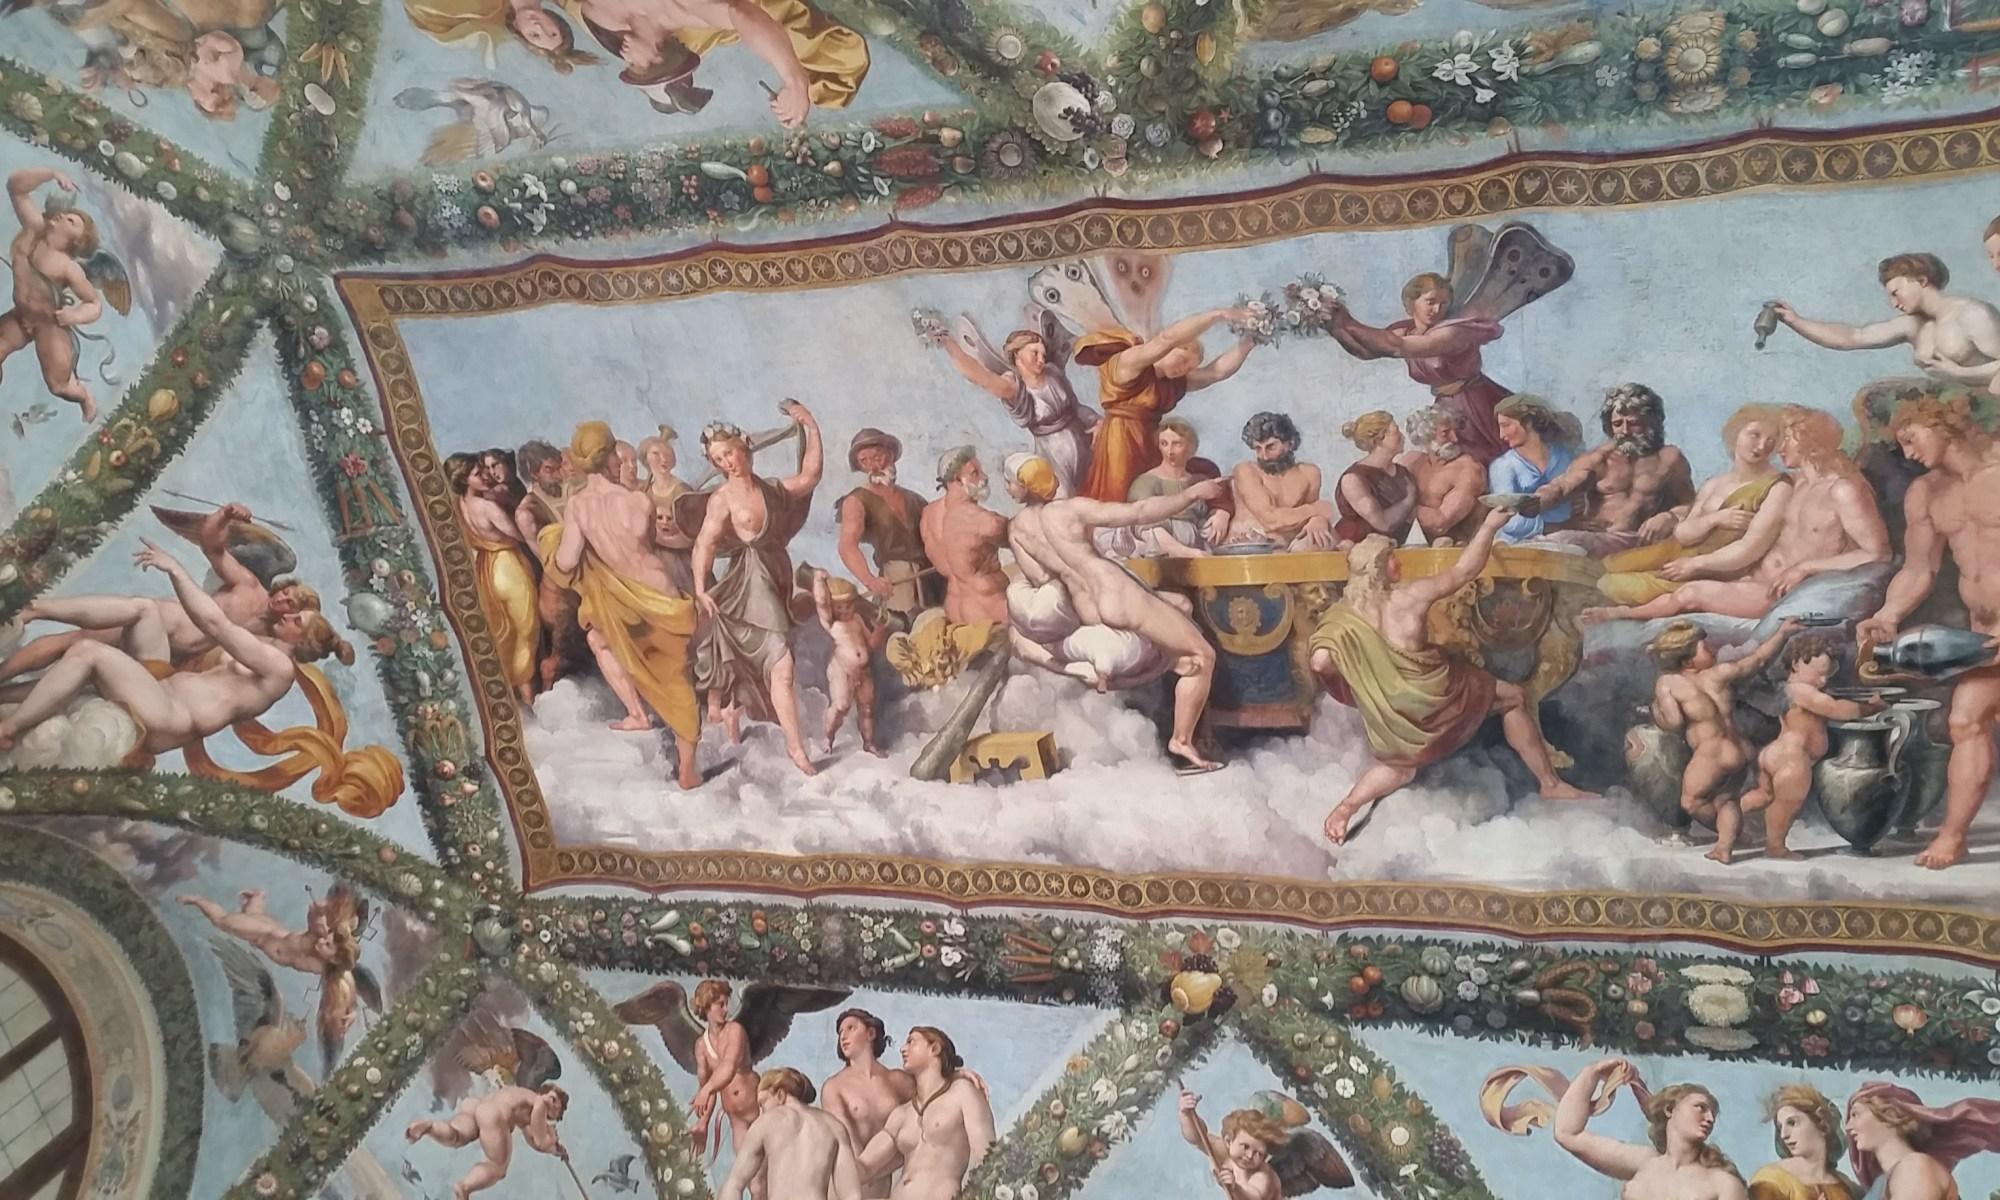 Ceiling art from Villa